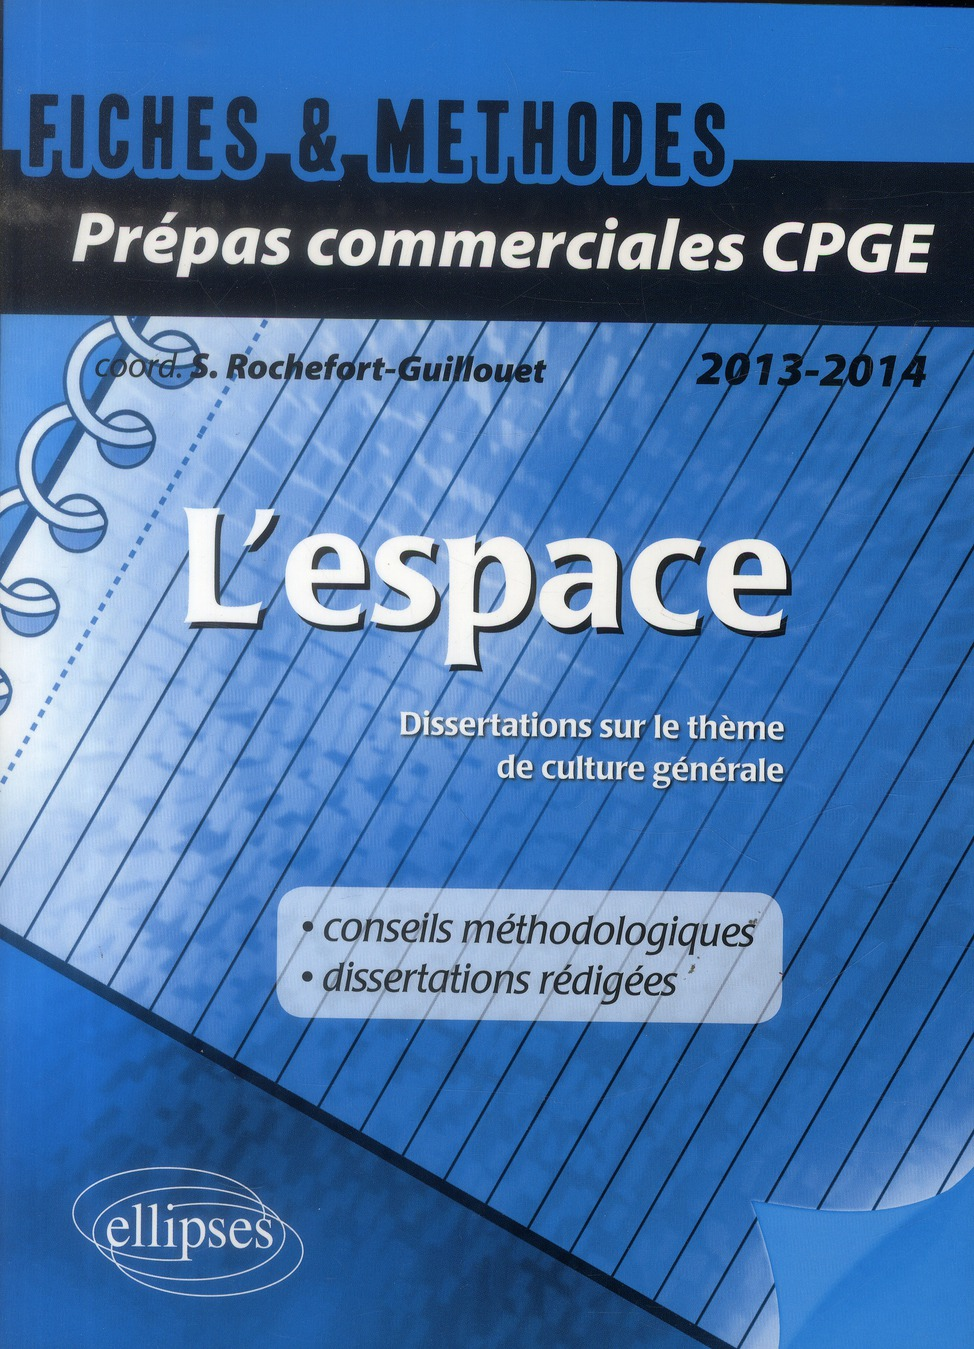 L'Espace ; Dissertations Sur Le Theme De Culture Generale ; Prepas Commerciales Cpge (Edition2013/2014)